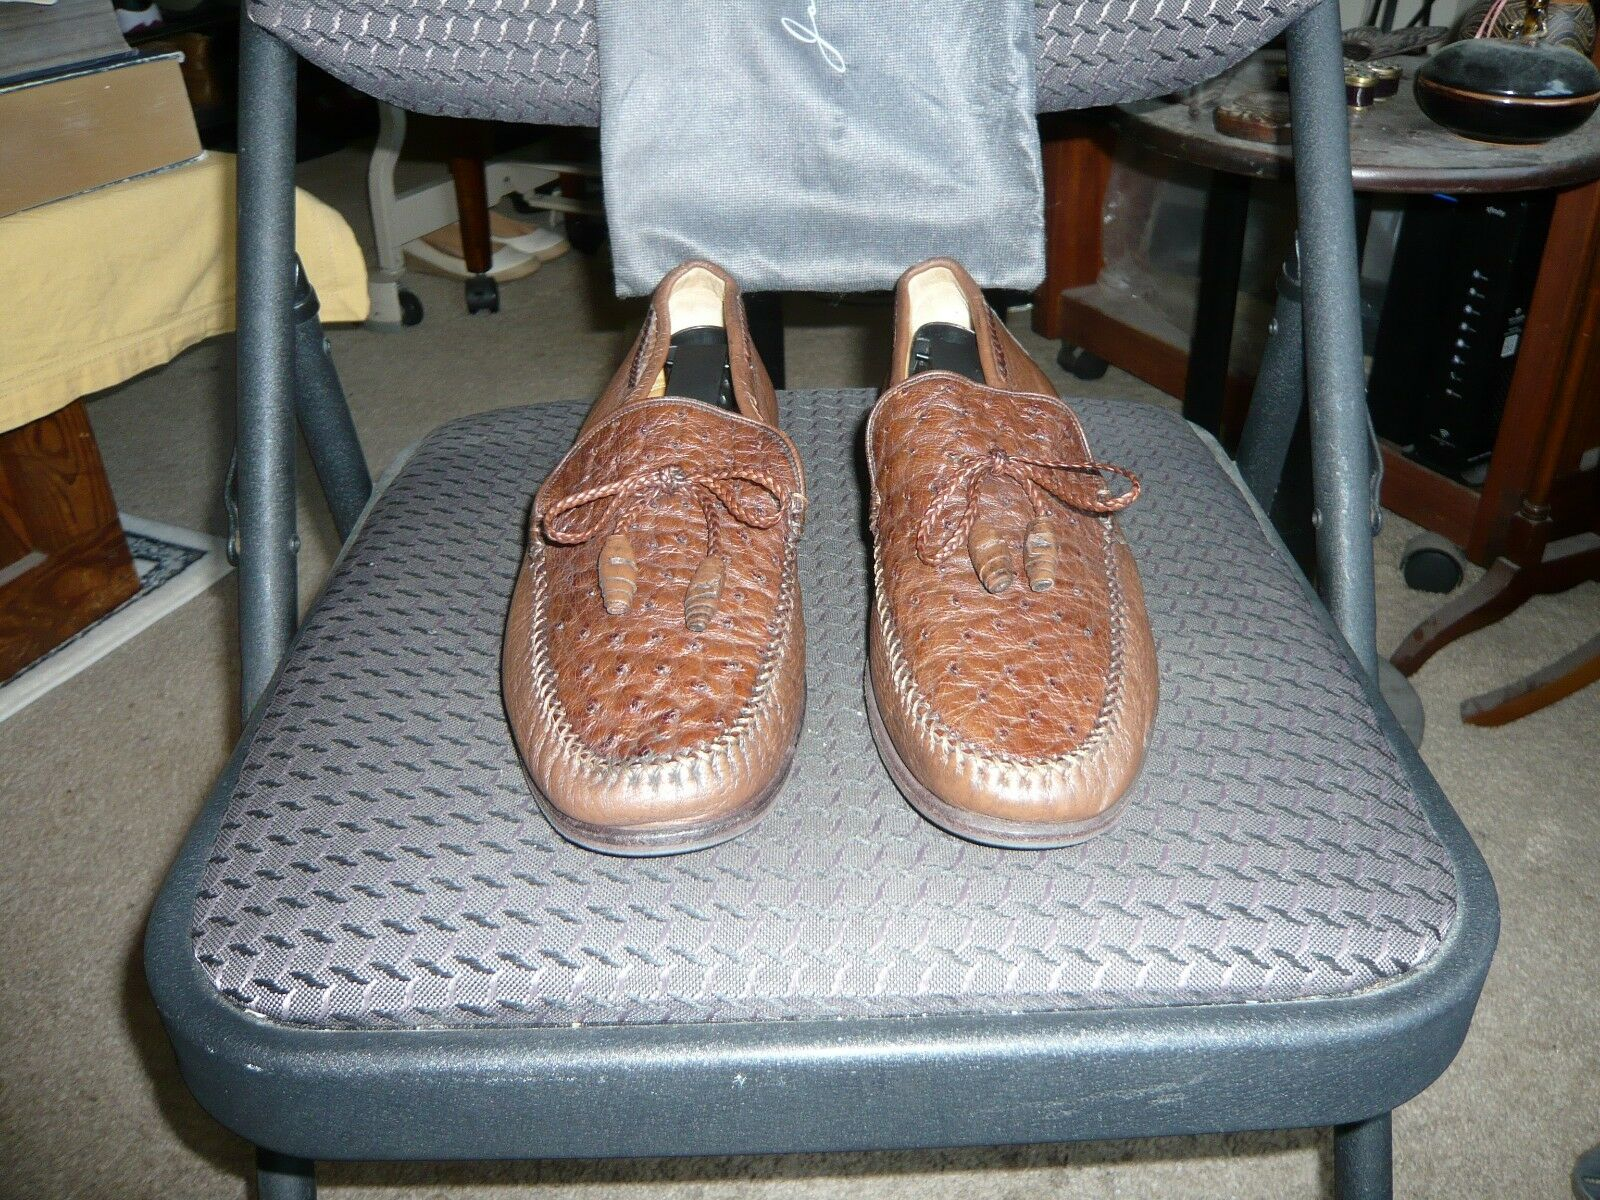 Johnston & Murphy marrón de piel de becerro Avestruz Cuero Mocasín, tamaño que nos 7 (8) con B